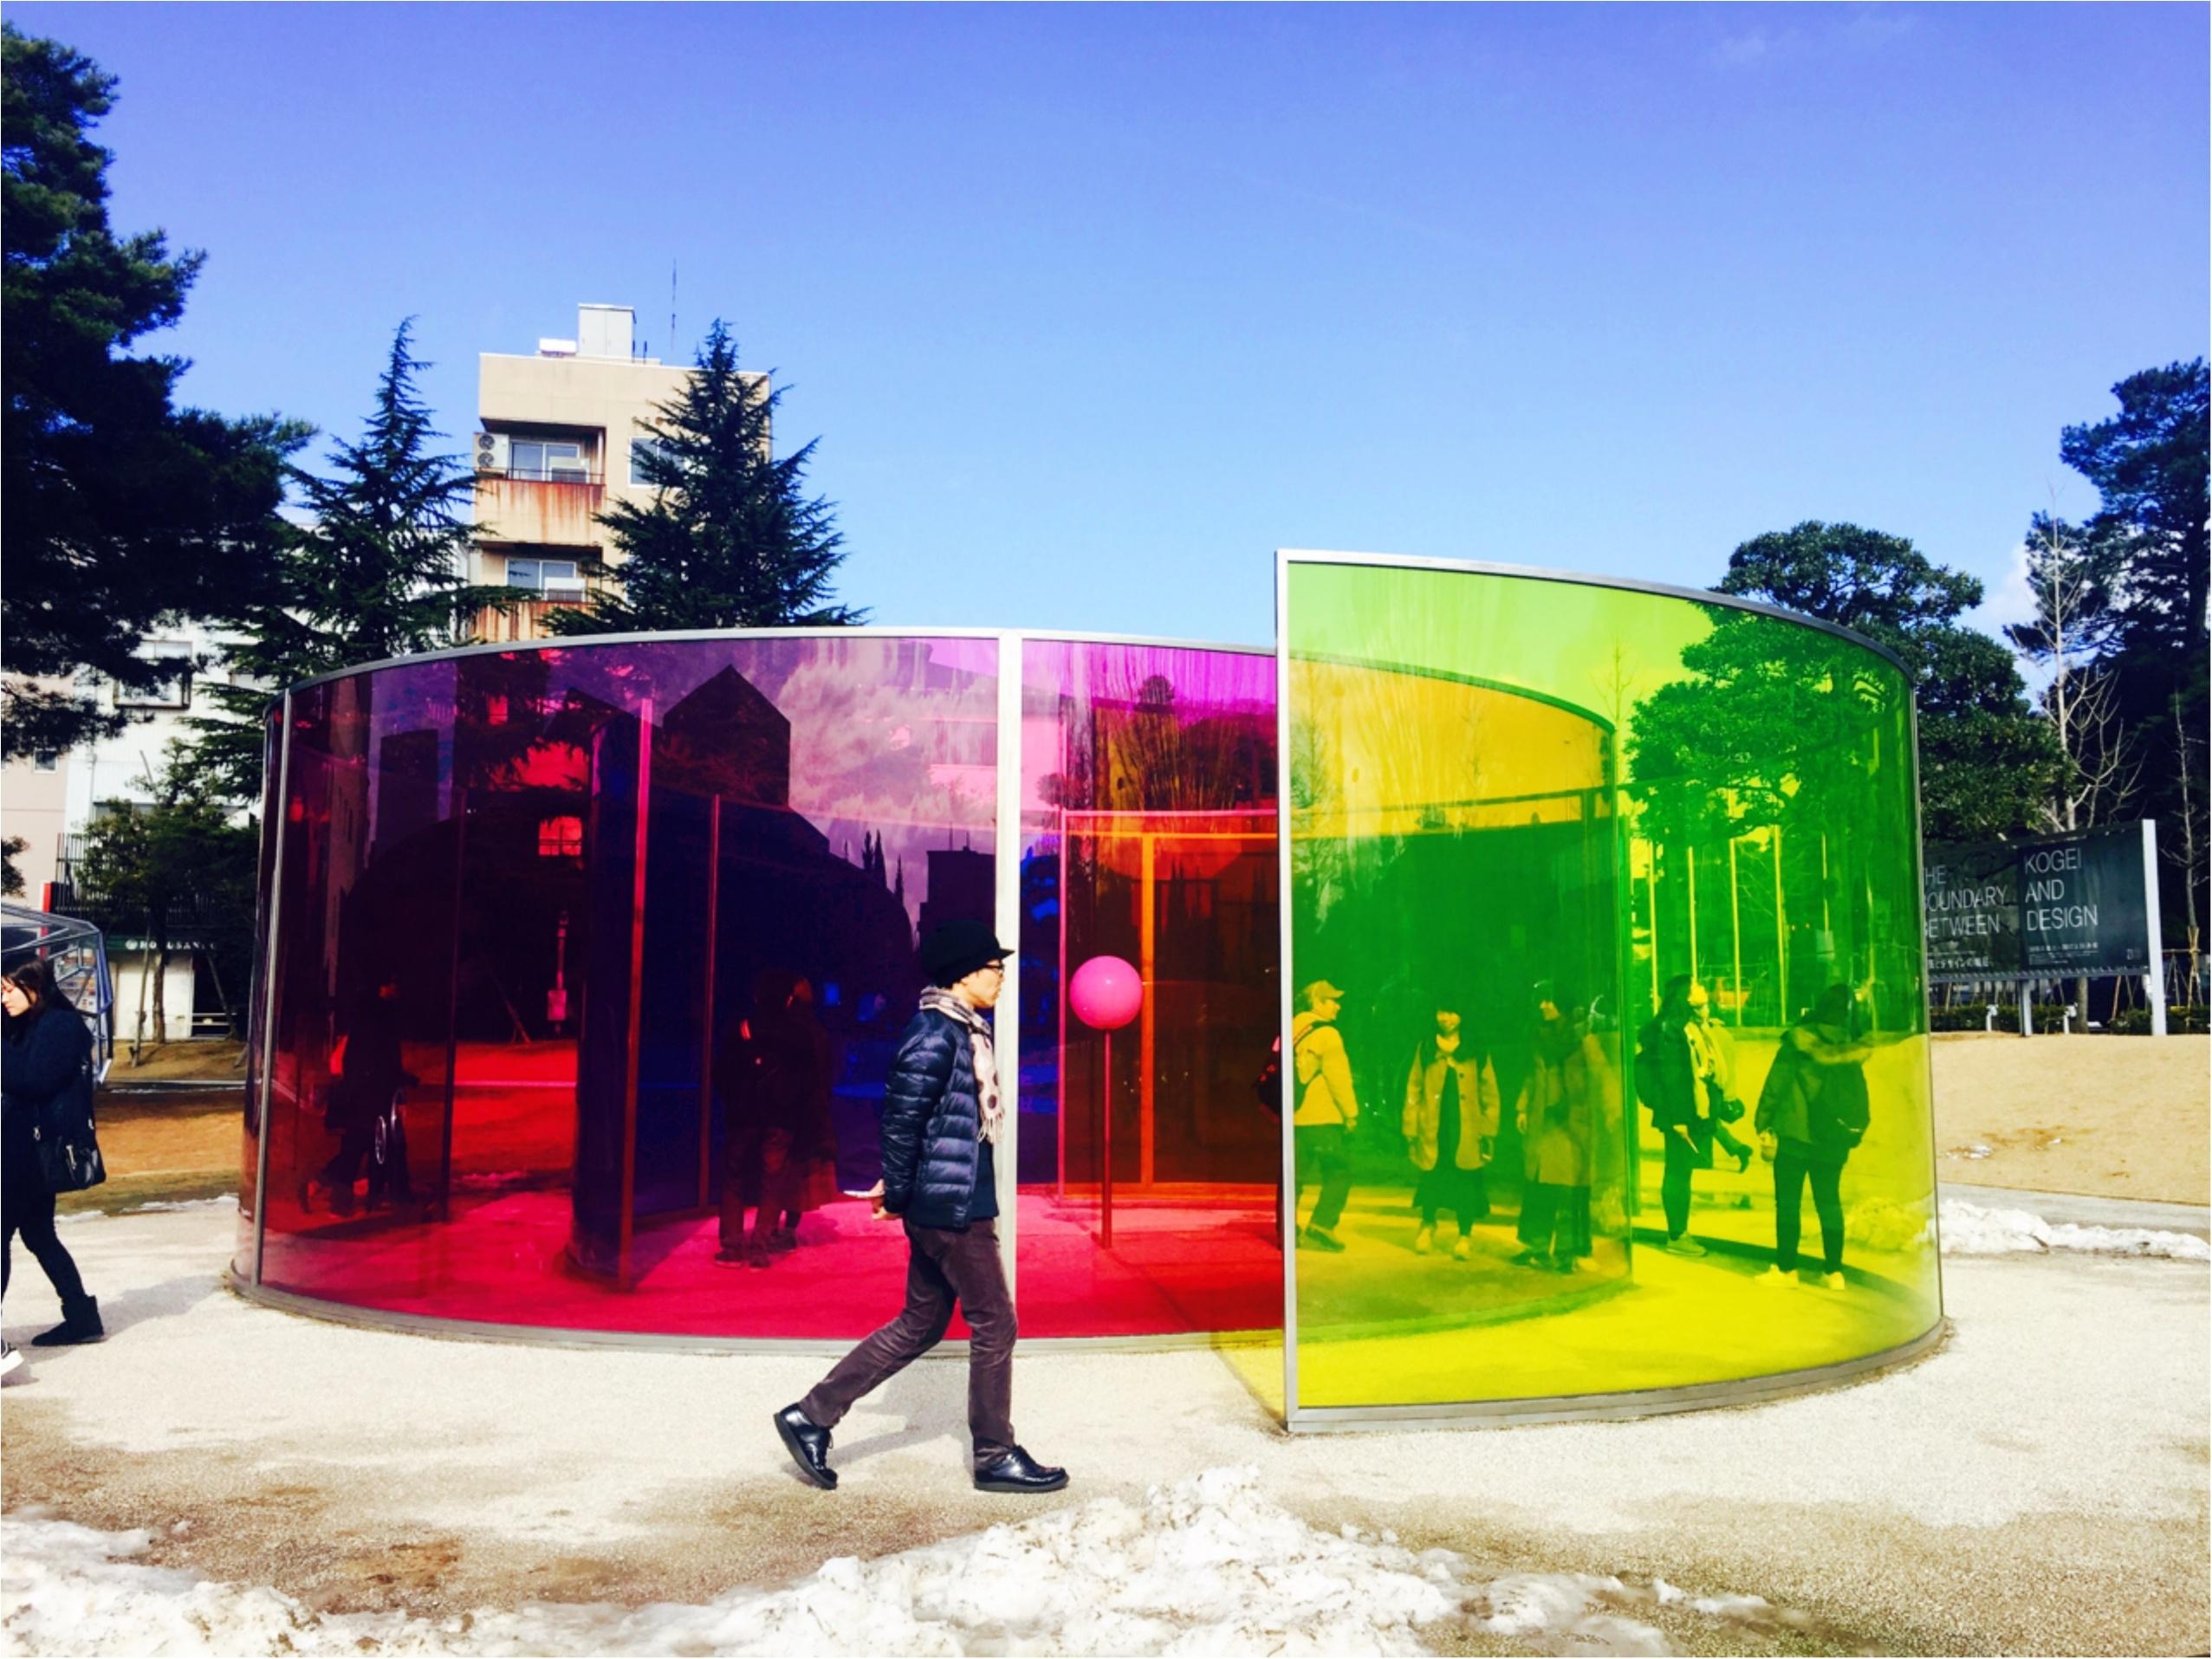 金沢女子旅特集 - 日帰り・週末旅行に! 金沢21世紀美術館など観光地やグルメまとめ_10